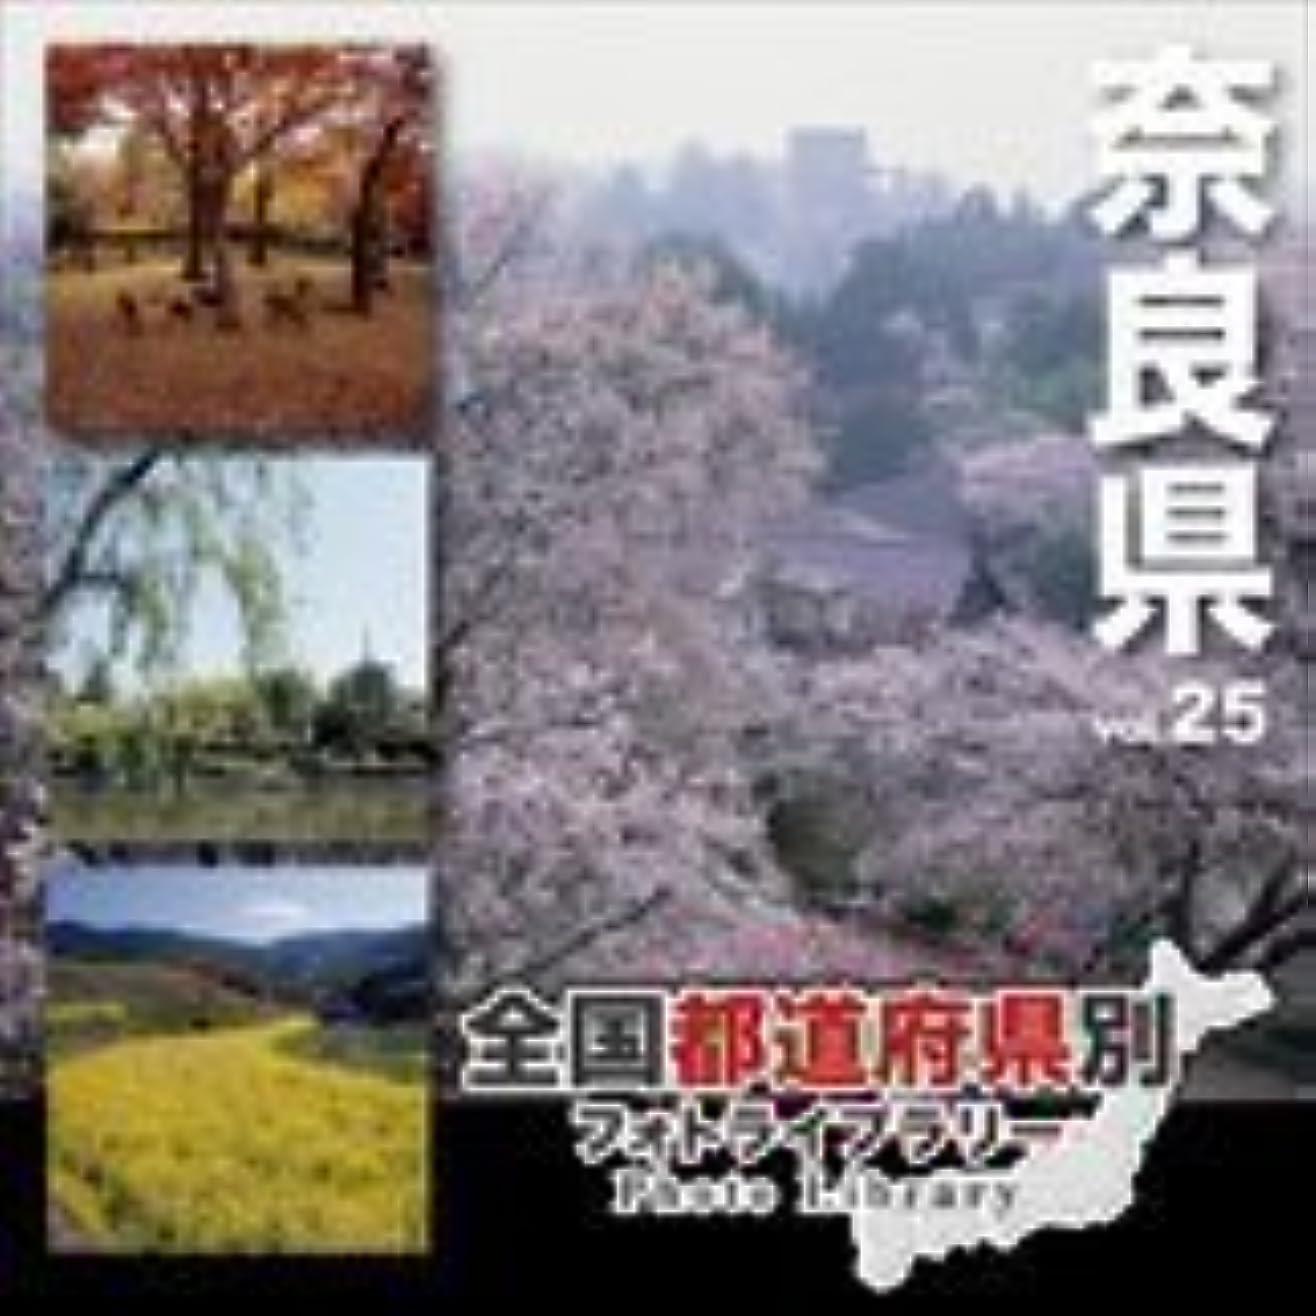 アレンジ買うバイパス全国都道府県別フォトライブラリー Vol.25 奈良県